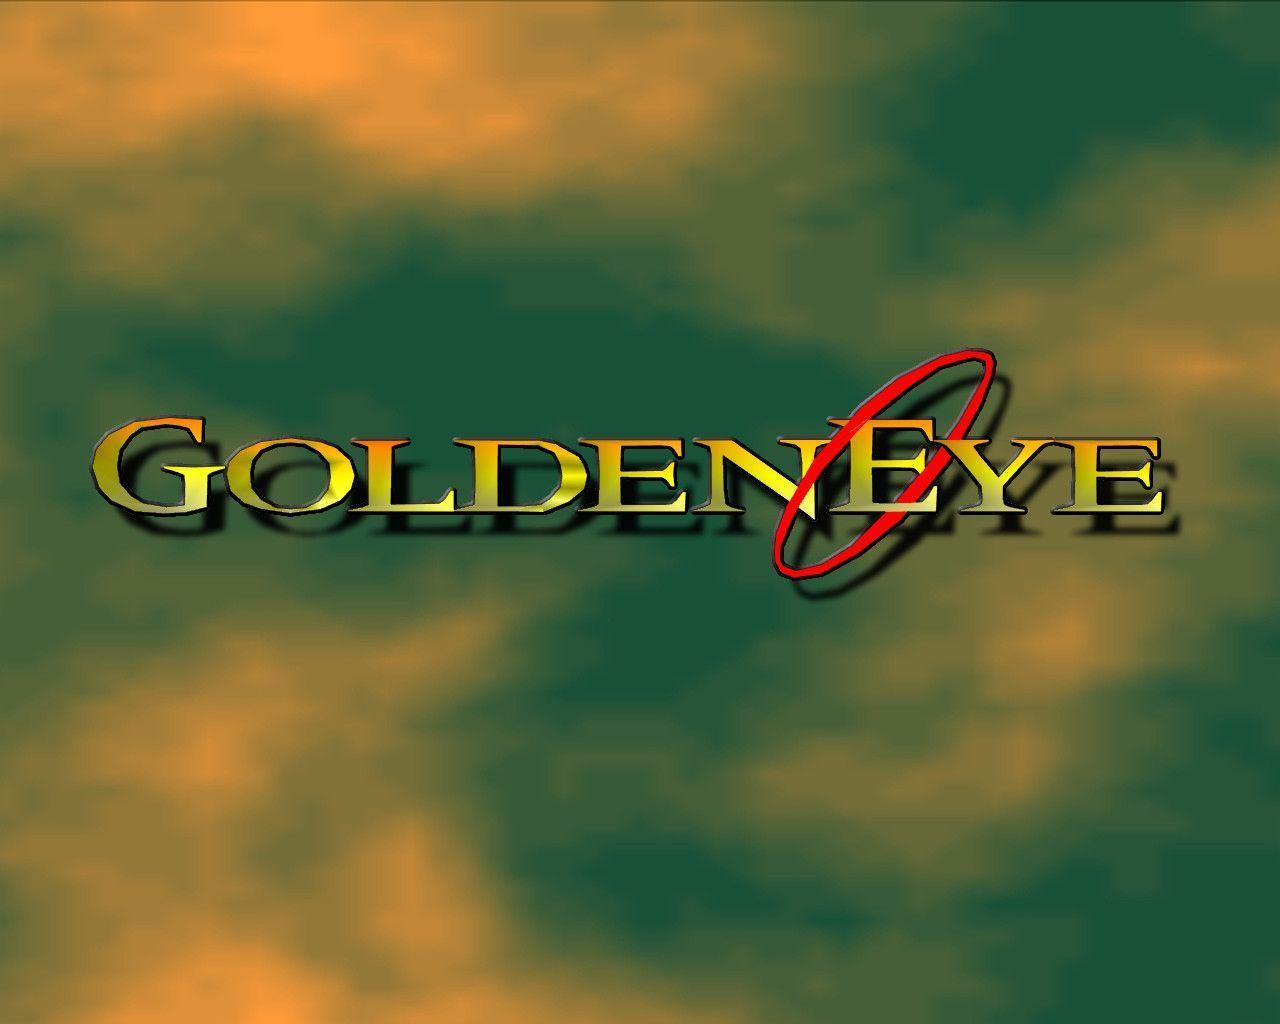 GoldenEye Wallpapers - Wallpaper Cave